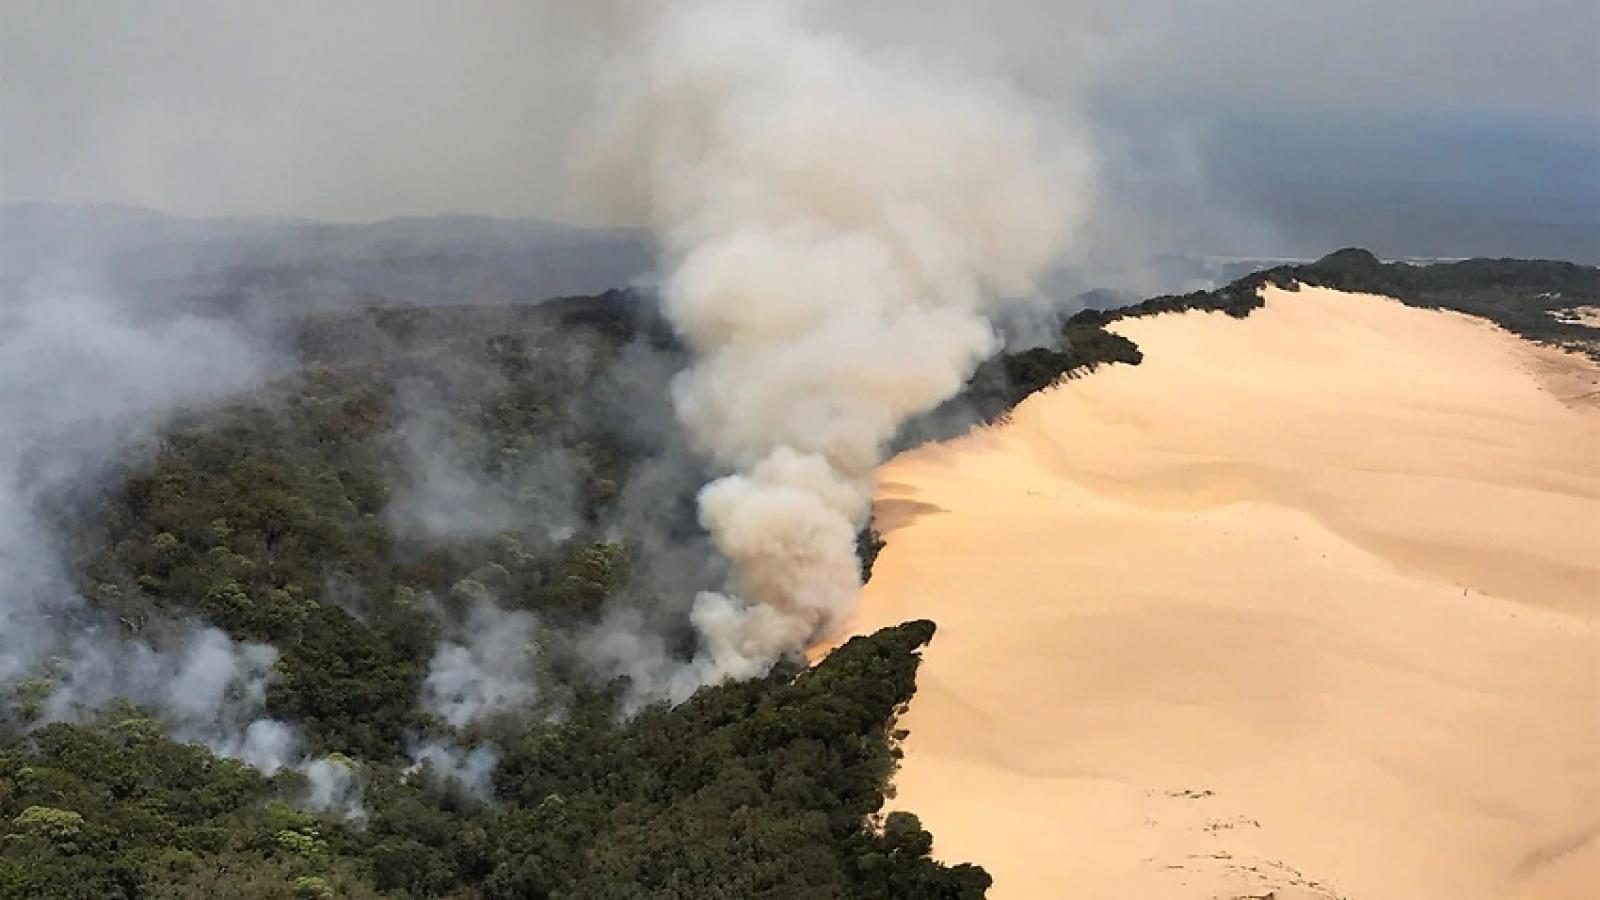 Cháy rừng đe dọa xóa sổ hòn đảo du lịch được xếp hạng di sản thế giới của Australia